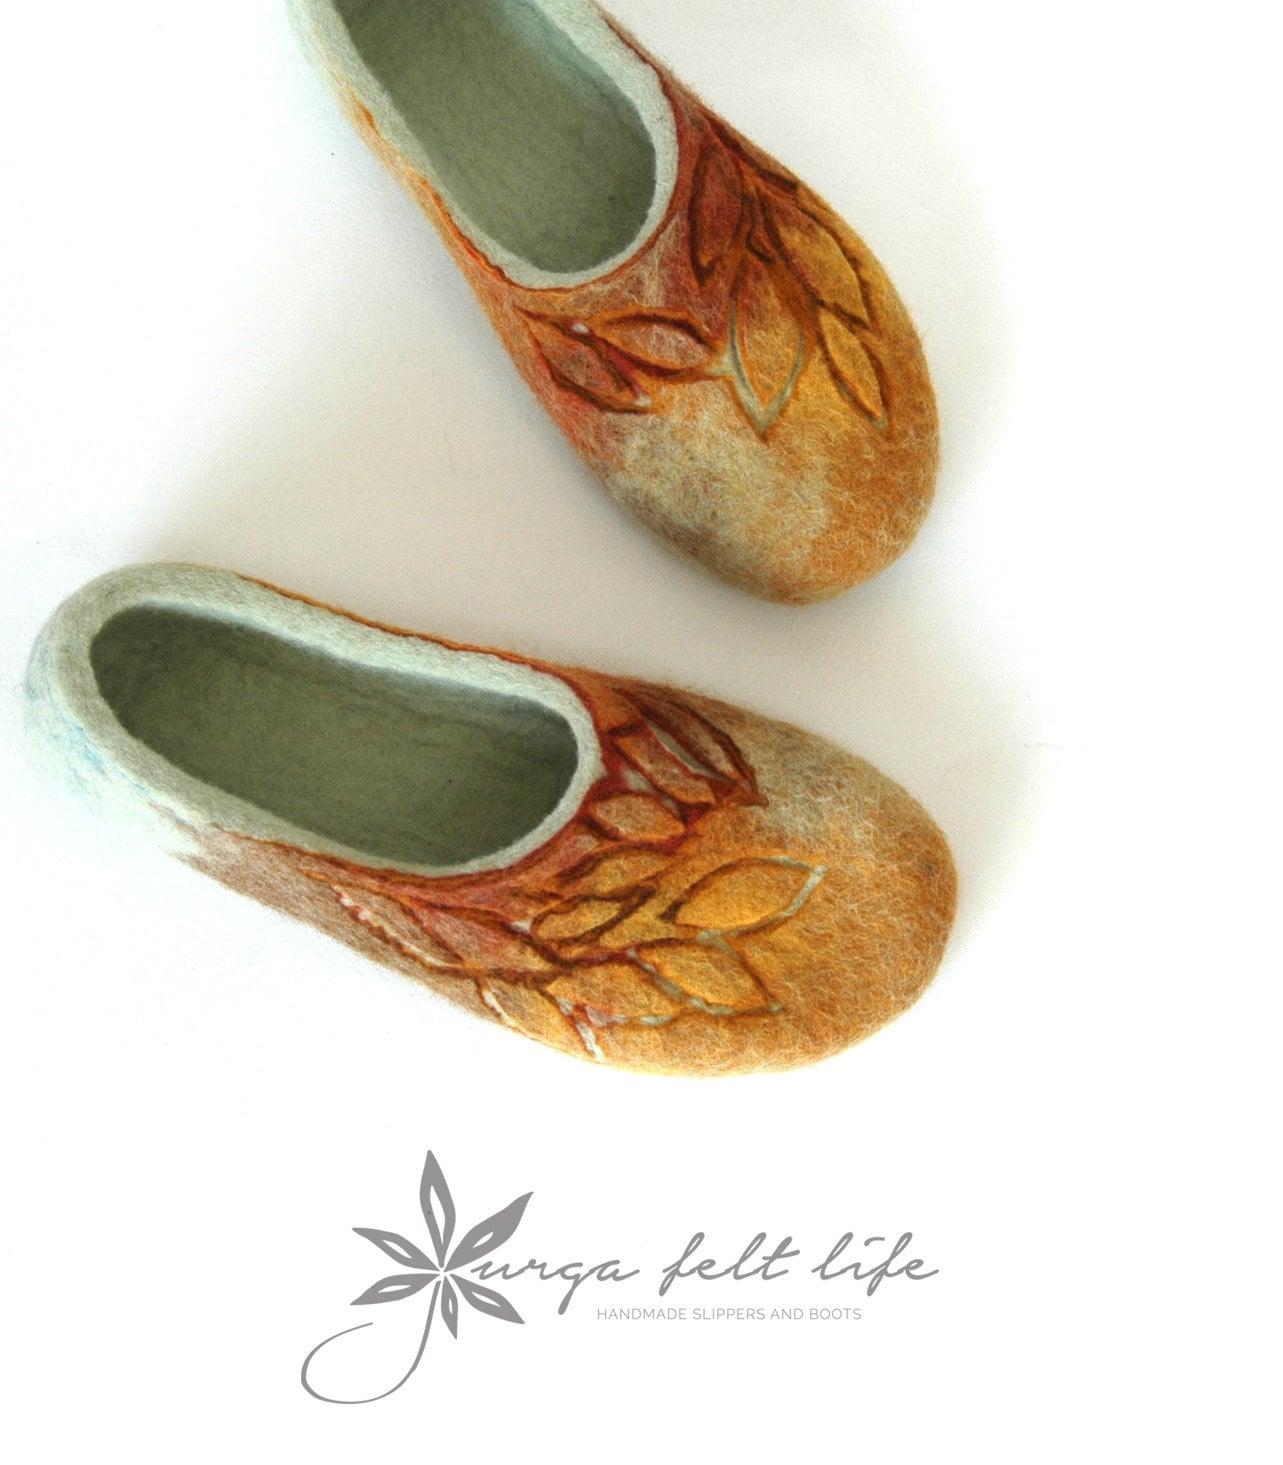 côté feutré de pantoufles pour les femmes - couleurs d'automne chaussures - marron - jaune - vert accueil chaussures d'automne f9c3d7